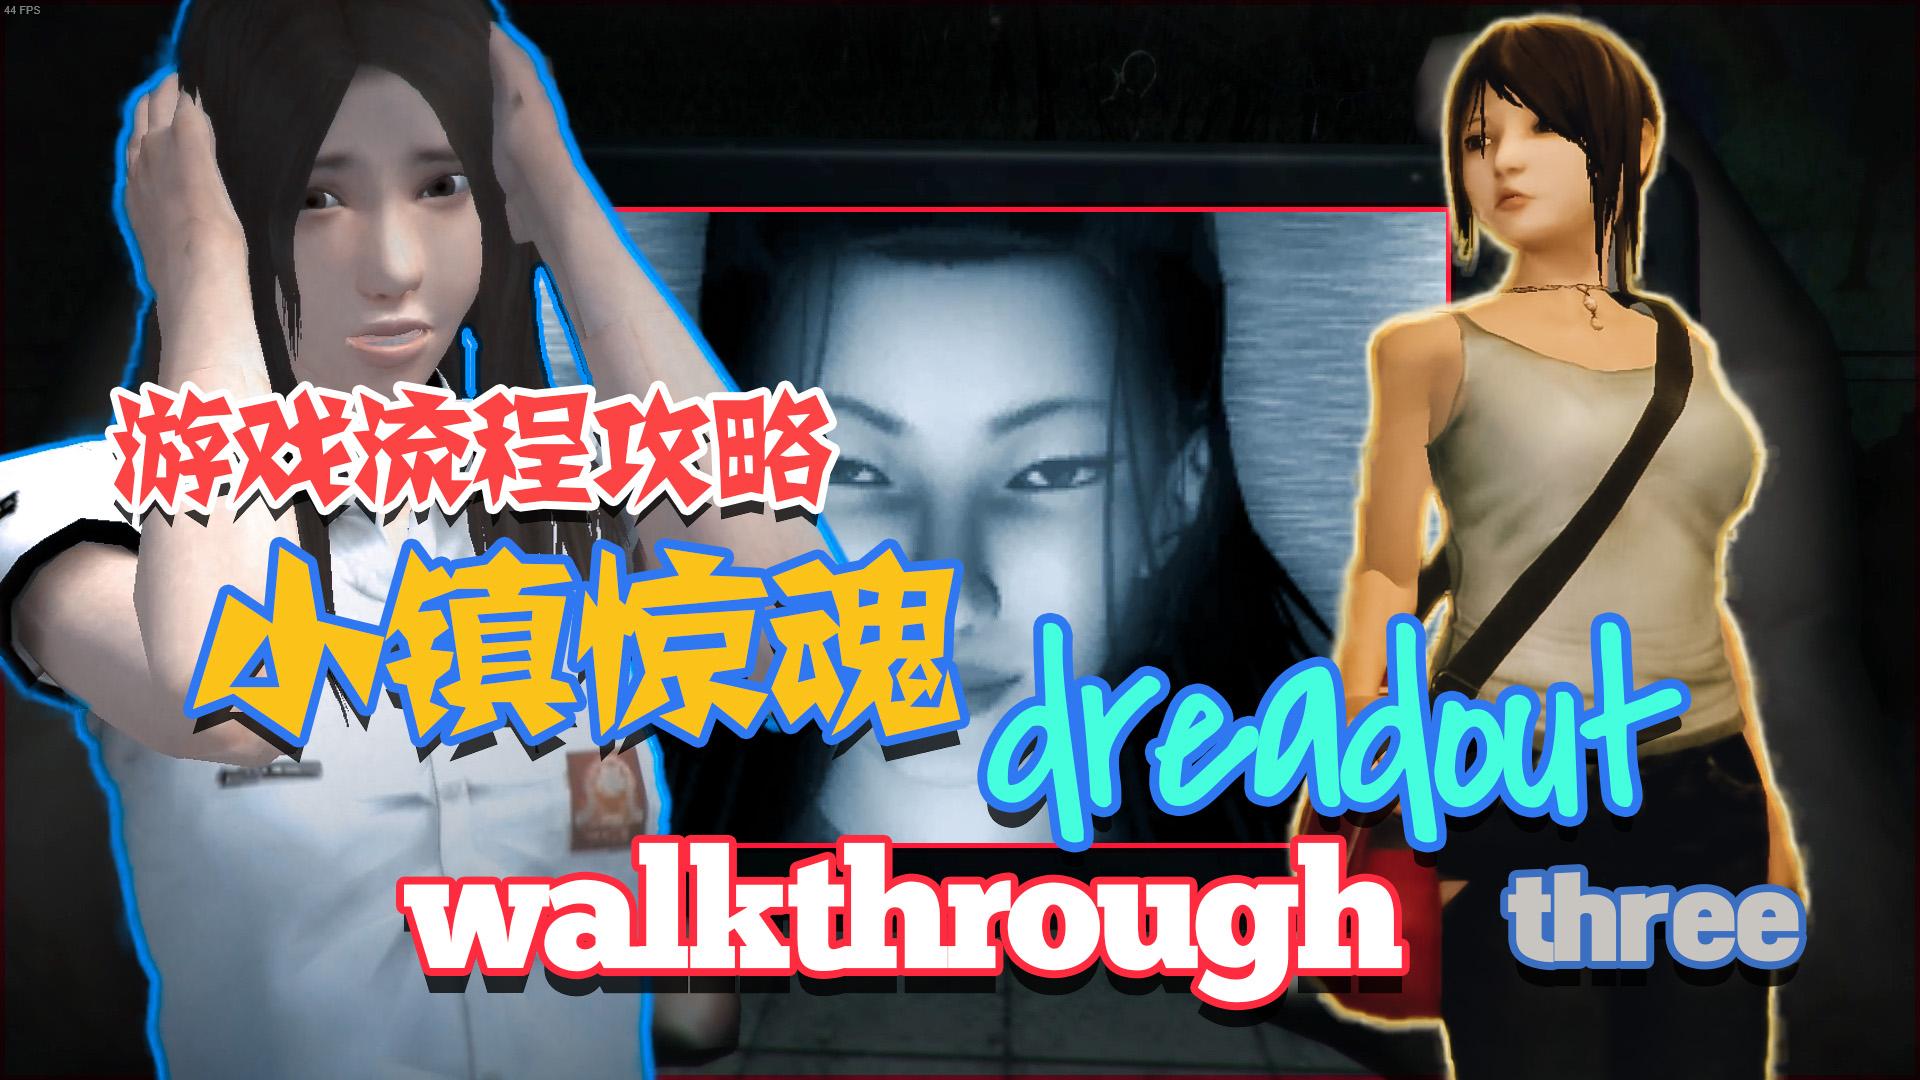 【曹铉珠】《小镇惊魂 dreadout》游戏流程攻略 walkthrough - 03